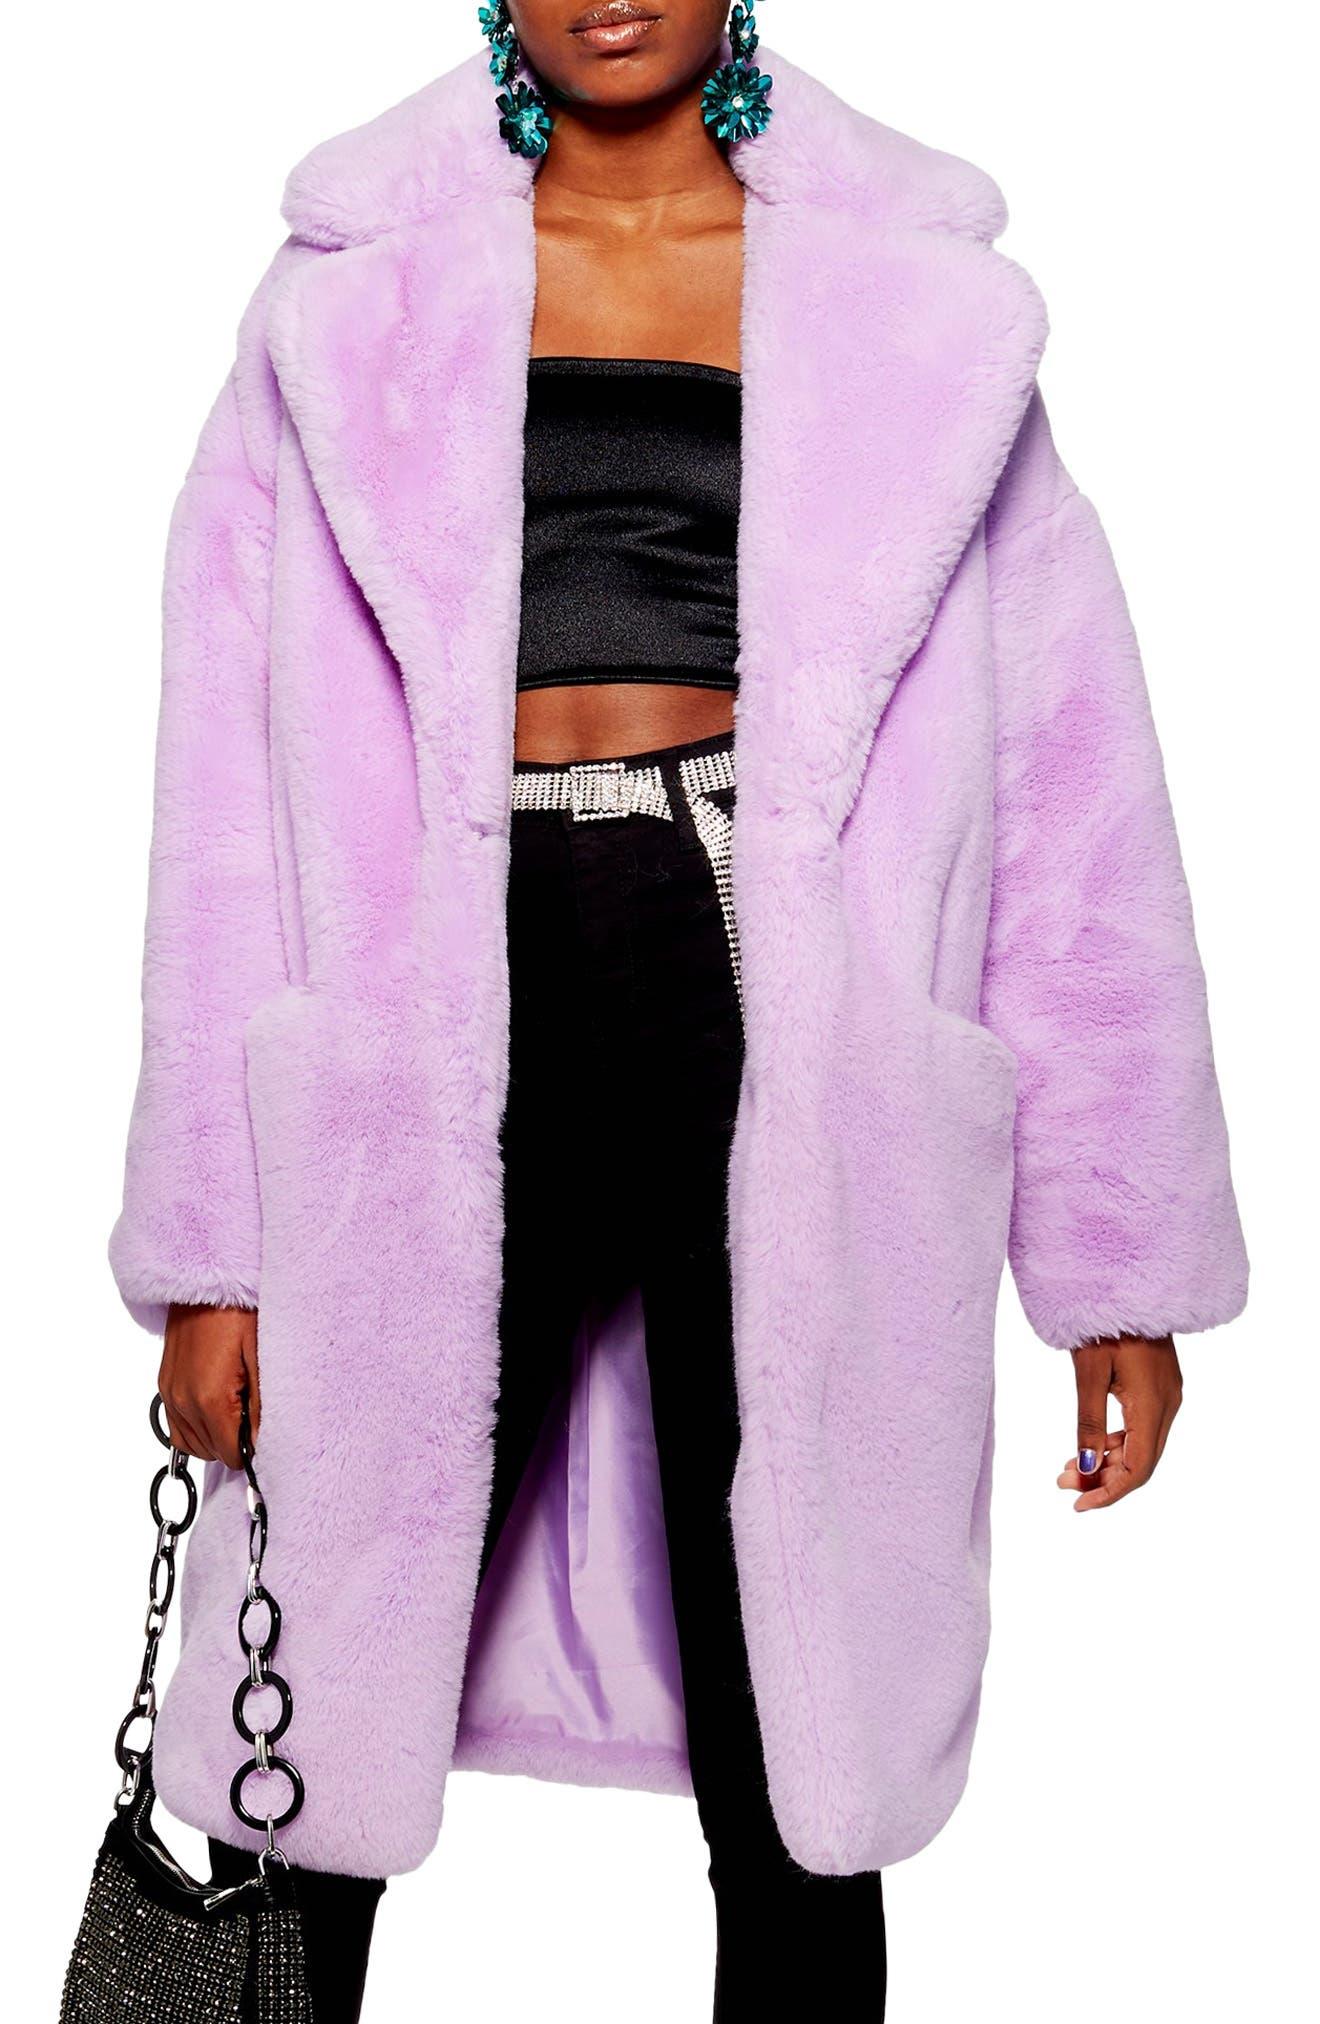 TOPSHOP, Anoushka Faux Fur Coat, Main thumbnail 1, color, 530